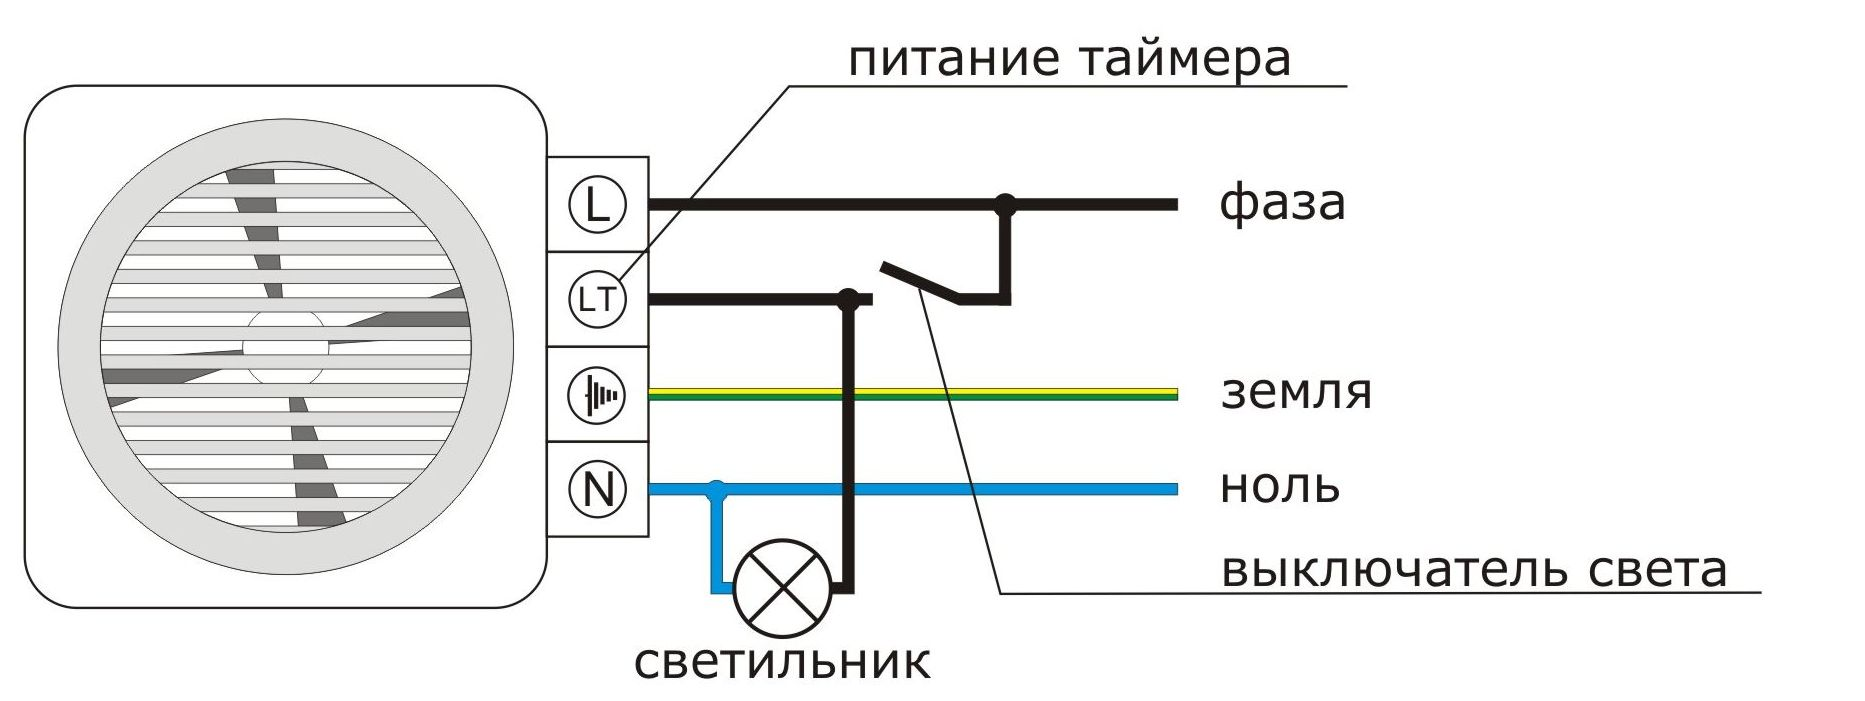 треугольный вытяжной вентилятор для ванны